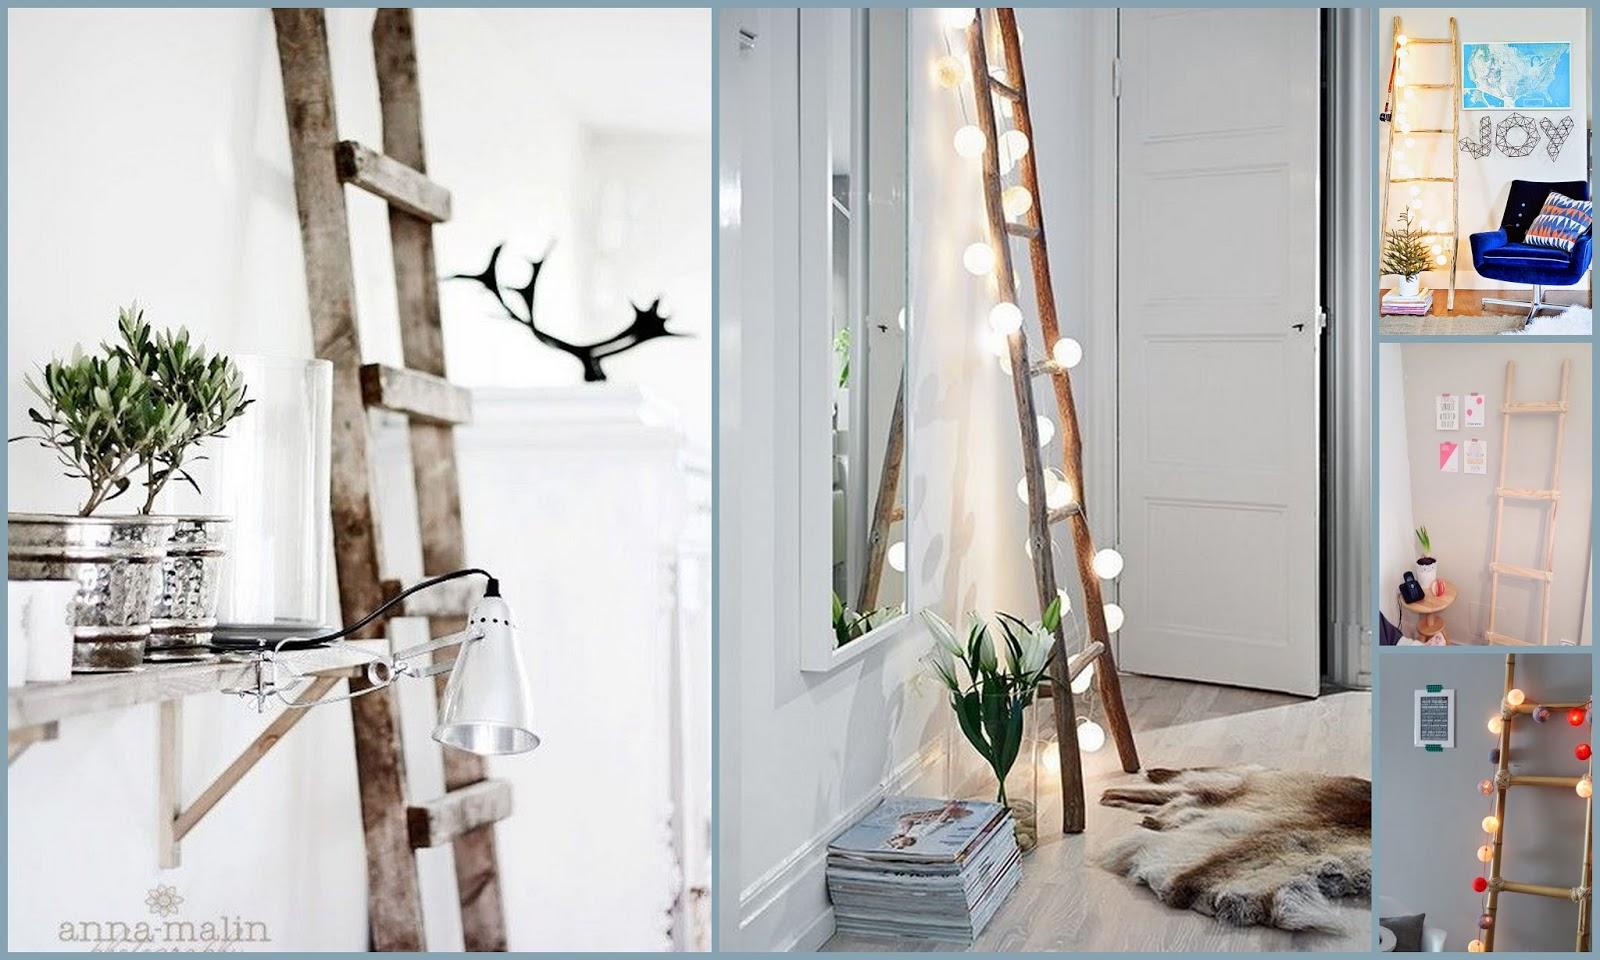 Dolce hogar 15 diy escalera de mano parte 2 - Escaleras de madera decorativas ...